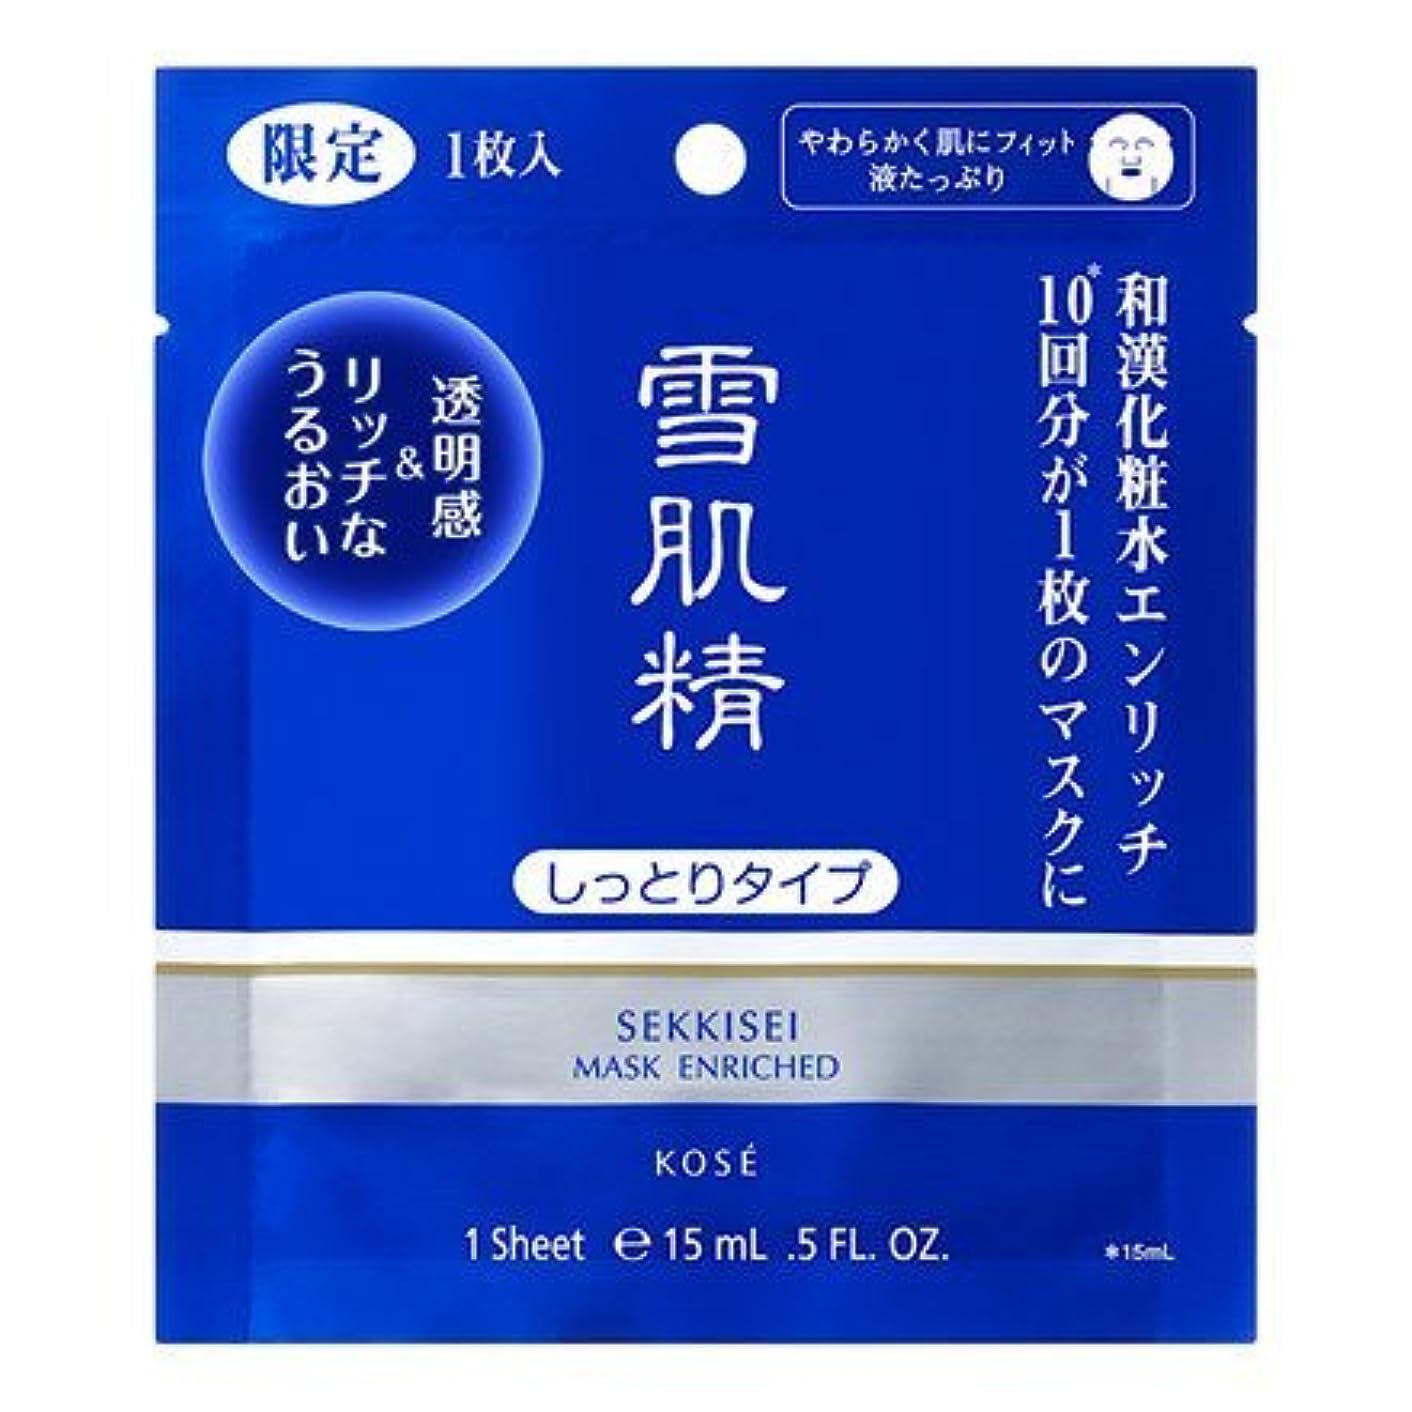 タップ月曜選ぶ6枚セット 薬用 雪肌精 美容 マスク エンリッチ 【限定】